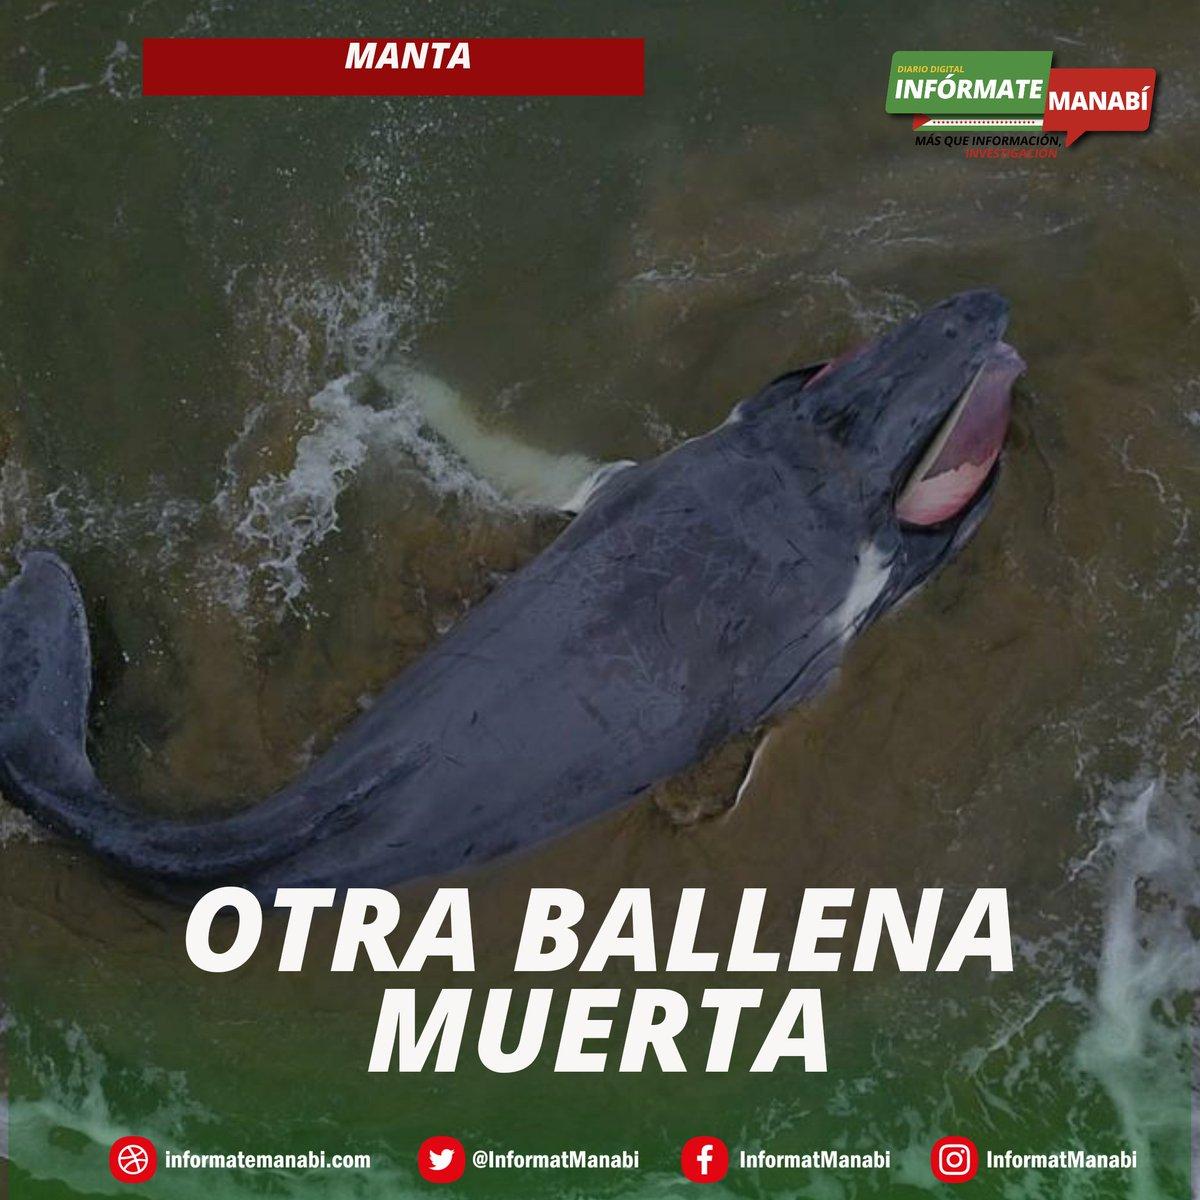 #MANTA  | Otra ballena muere En menos de un mes un cetáceo aparece muerto en las playas de Santa Marianita.  Esta vez se trata de un ballenato al que incluso se le desprendió la mandíbula reportan testigos. Ocurrió este 11 de agosto @MiJocay @agustinintriago  @bessygranjaOKpic.twitter.com/0dMxrNl5FS